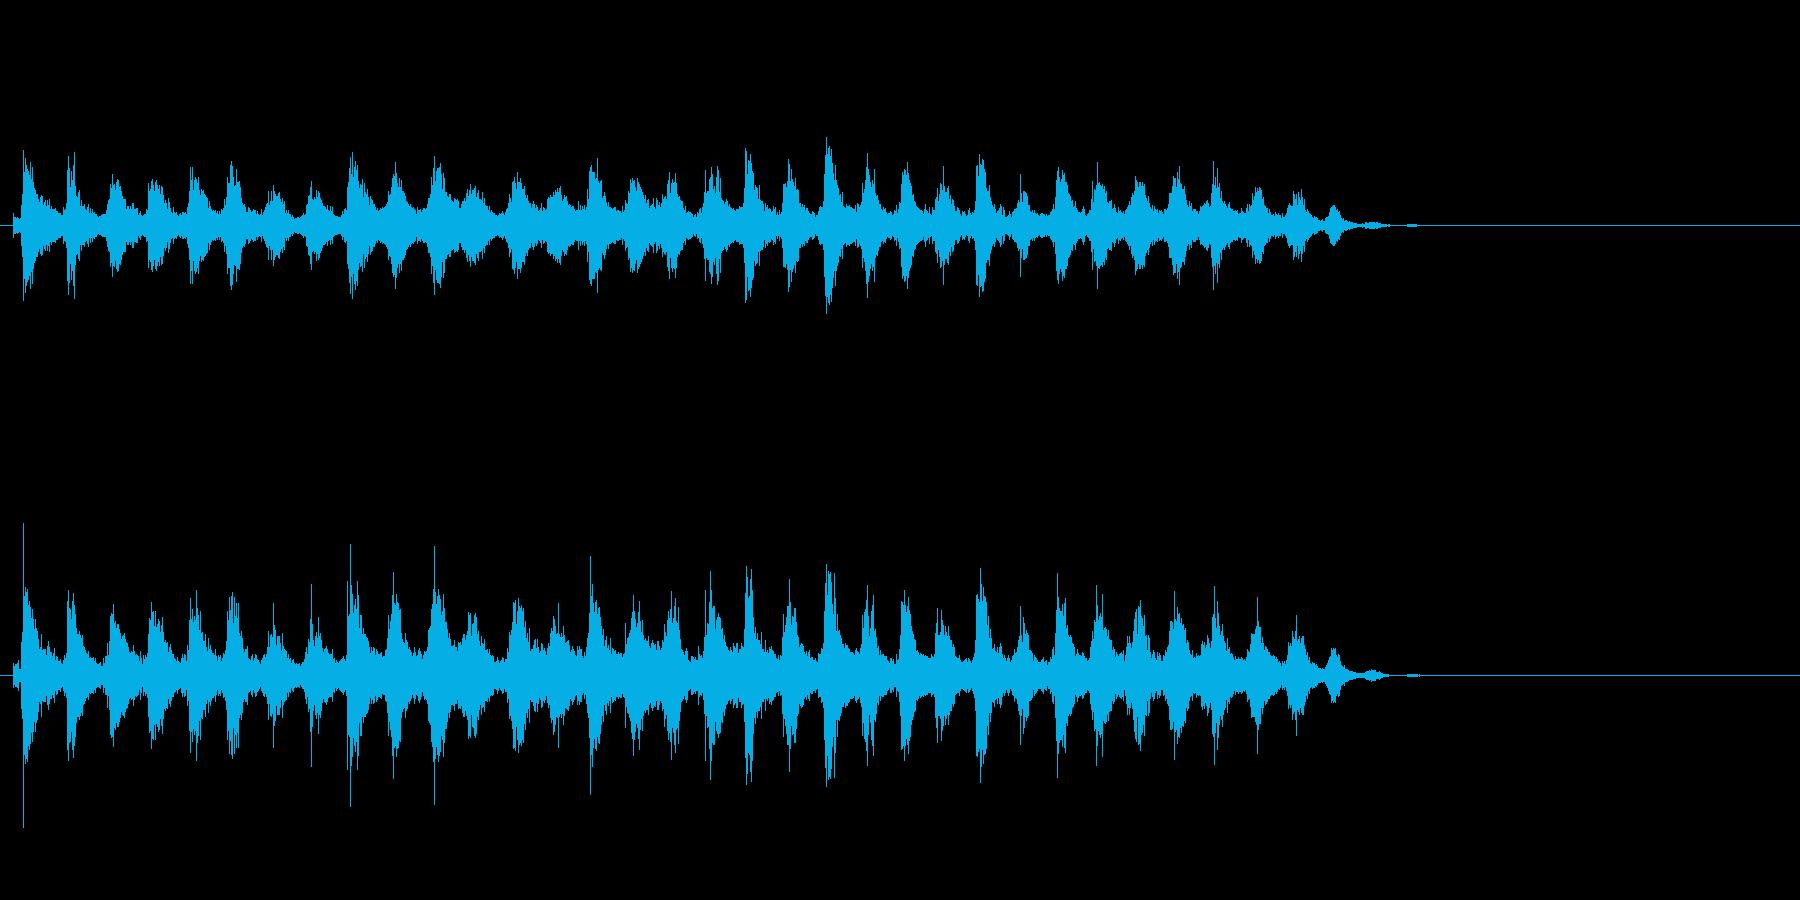 音侍「チャッパ」和製シンバルのフレーズ3の再生済みの波形